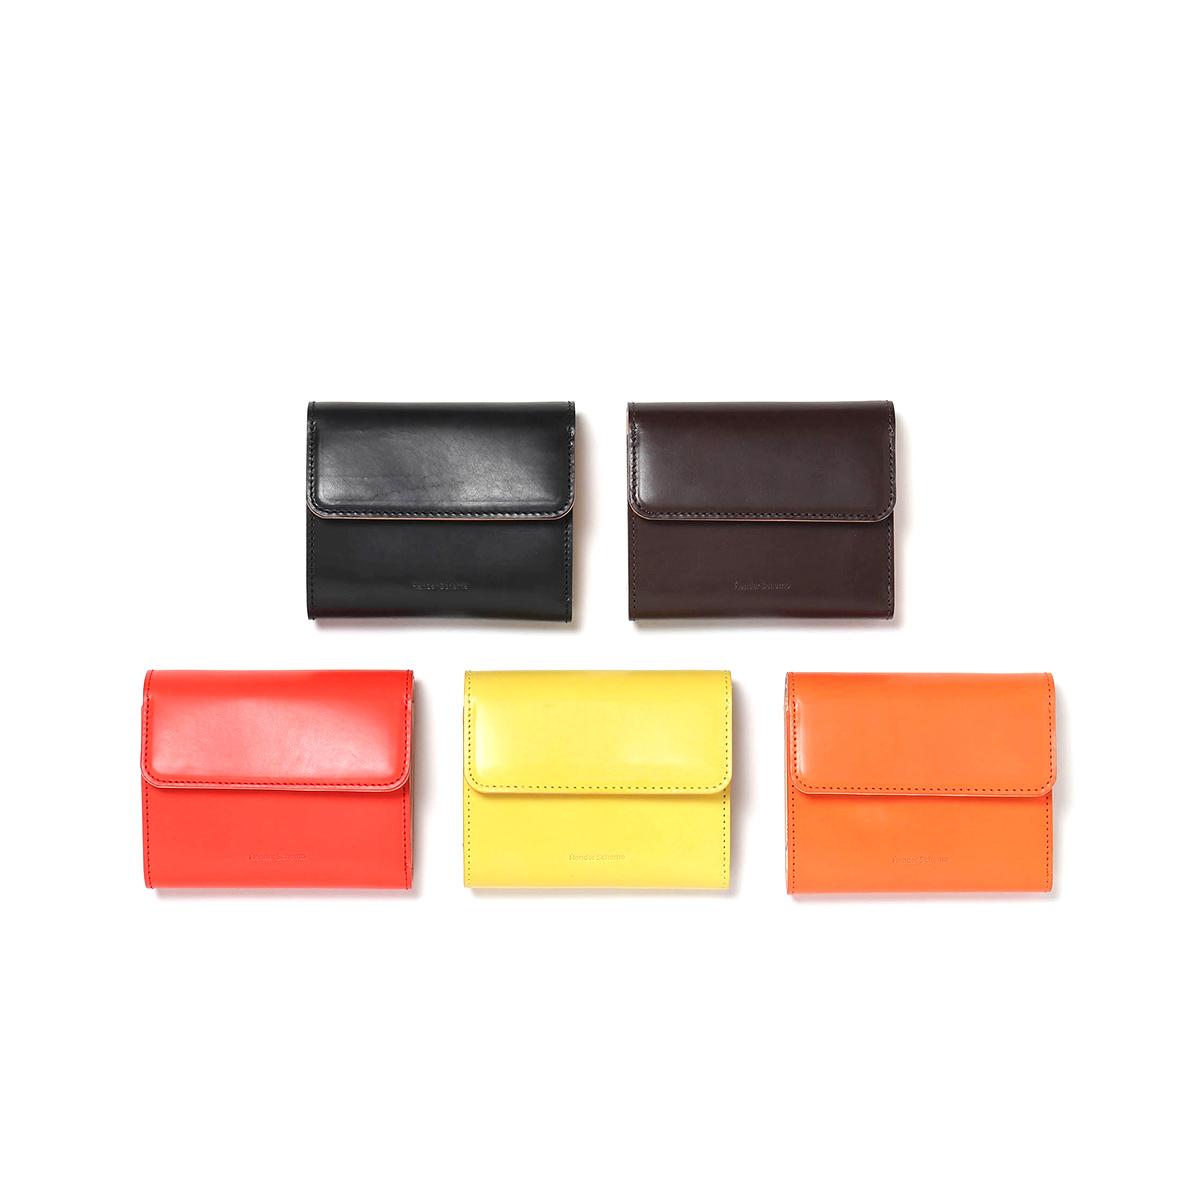 Hender Scheme / bellows wallet